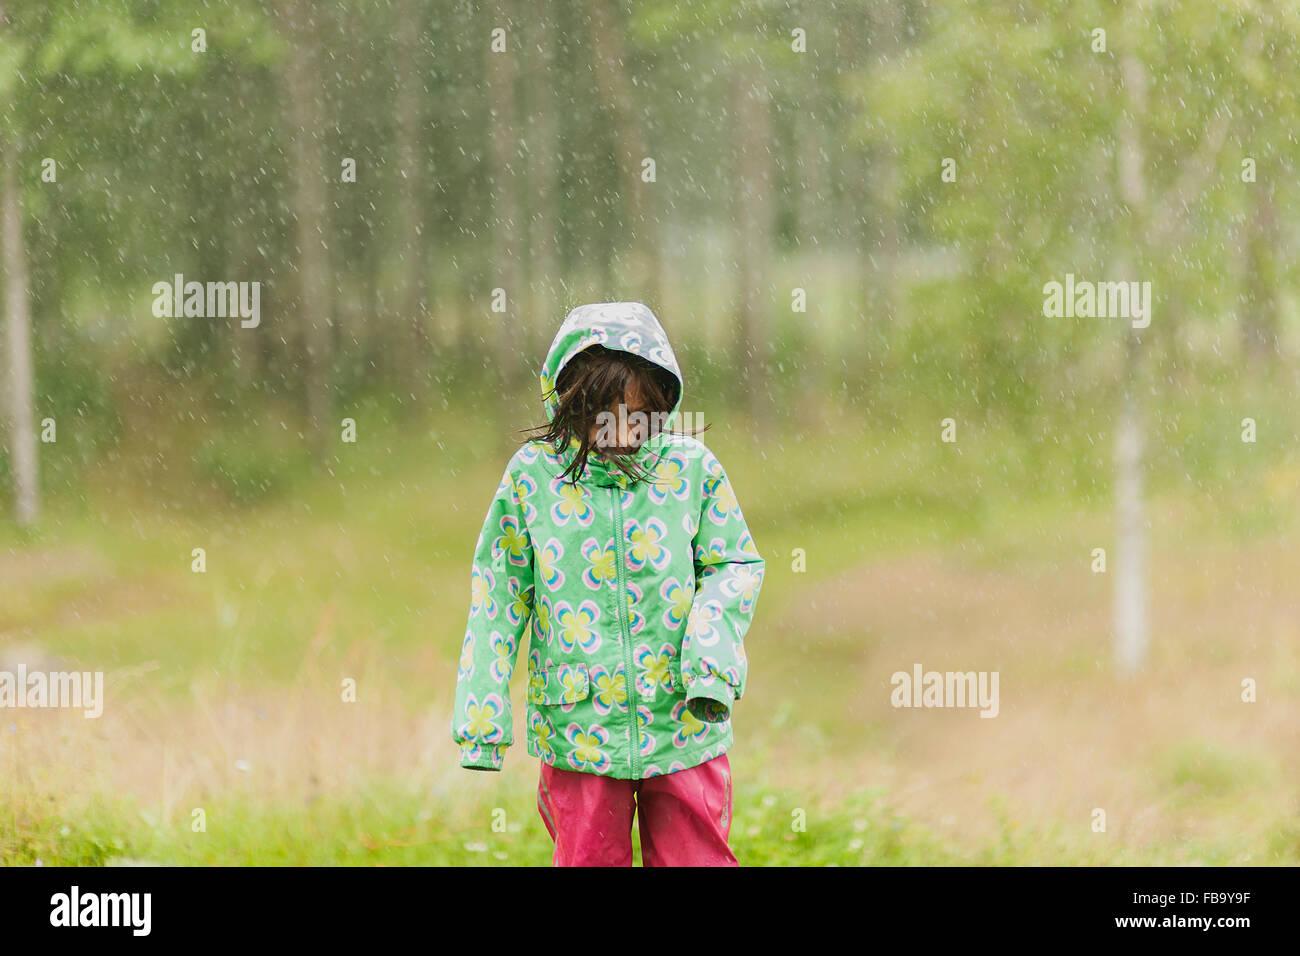 Schweden, Vastmanland, Bergslagen, Mädchen (4-5) laufen im Regen Stockbild